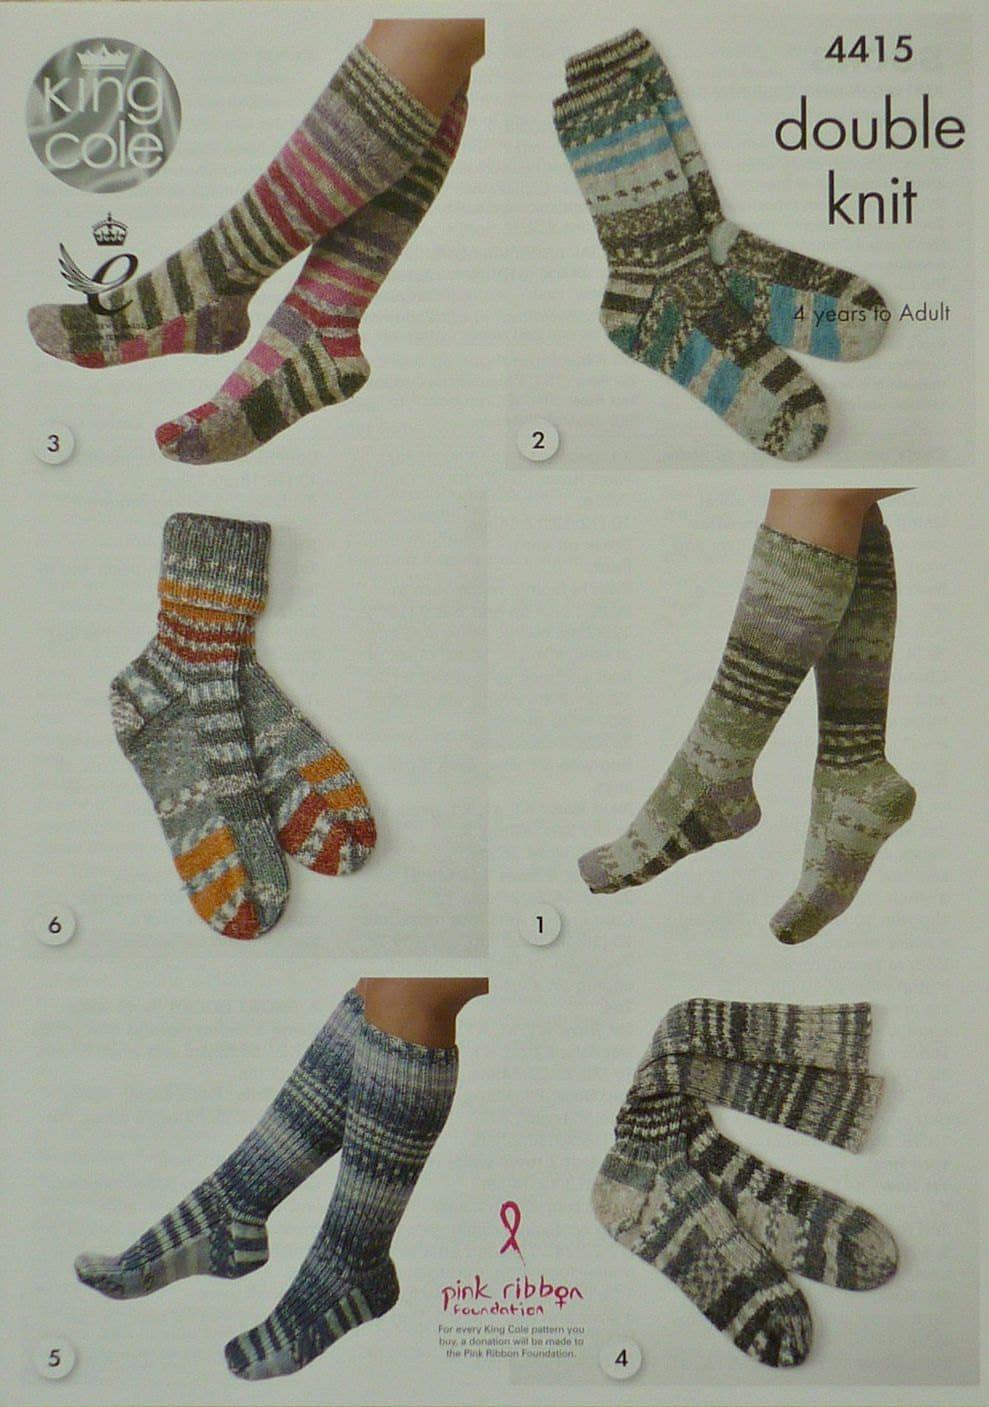 Knitting Pattern Women s Socks : Womens Knitting Pattern K4415 Mens/Ladies/Childrens Socks ...